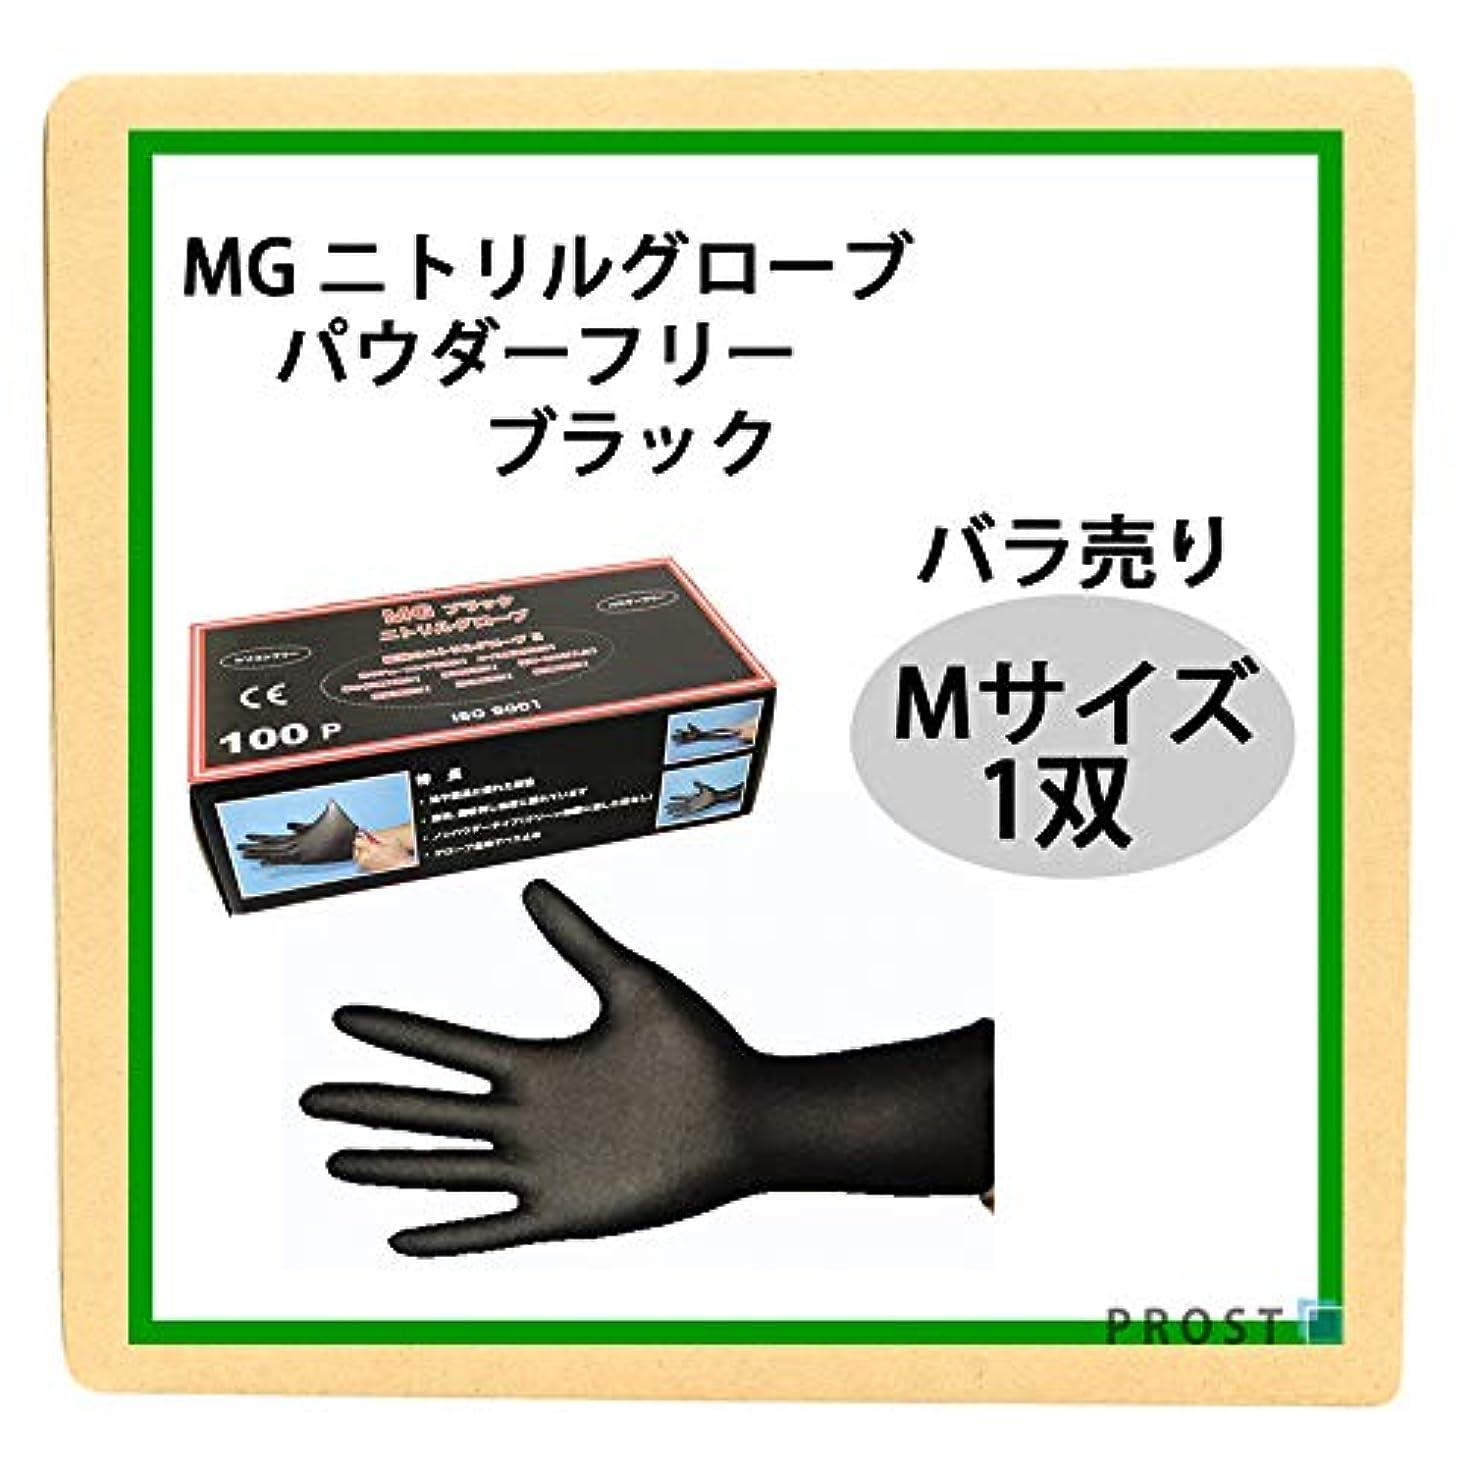 振る舞いシニス警報MG ニトリルグローブ ブラック パウダー フリー Mサイズ 1双/ニトリル手袋 ゴム手袋 塗装 オイル ニトリルゴム